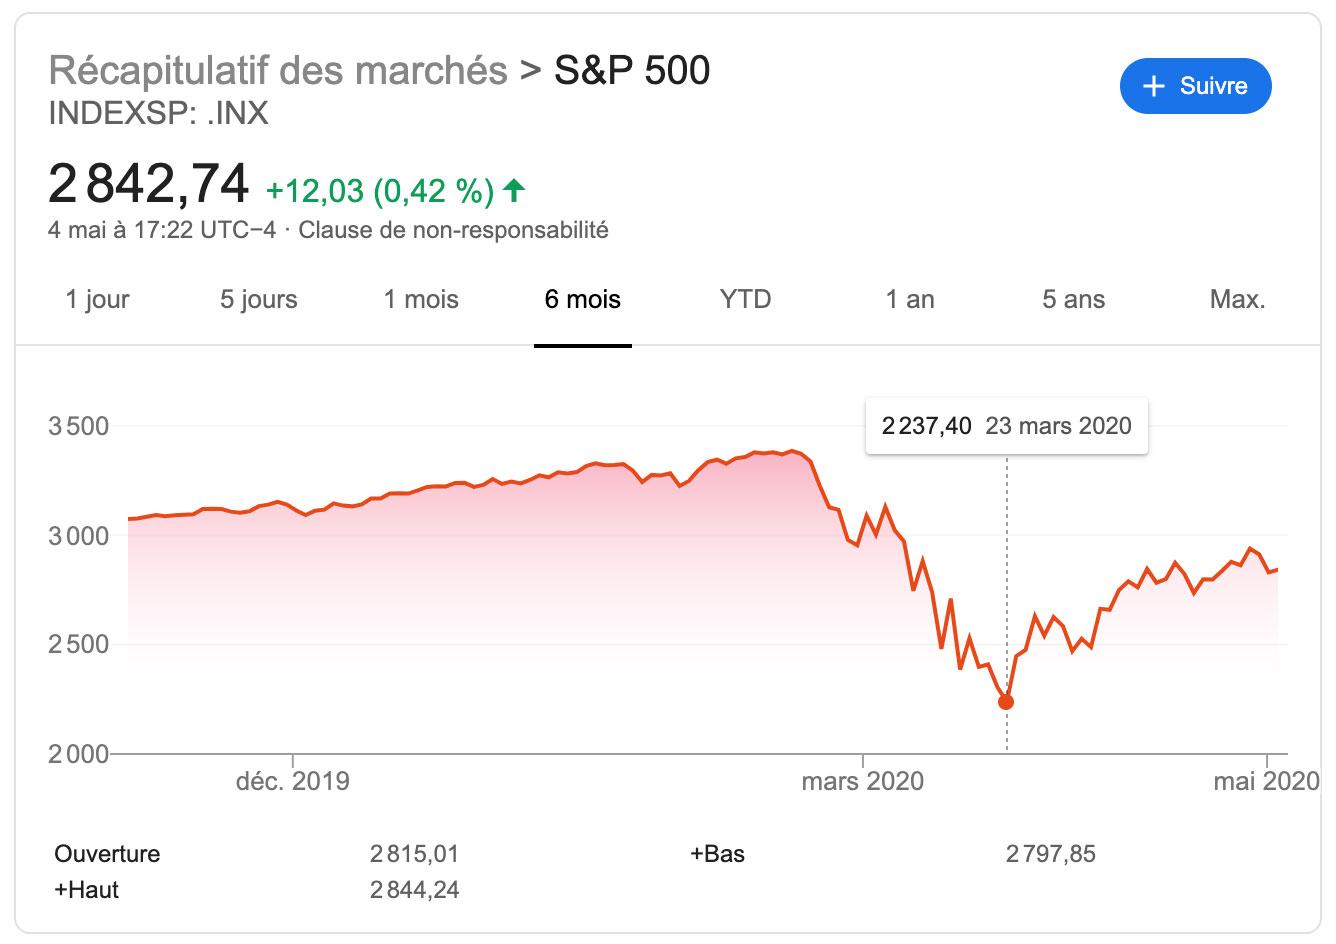 Cours du S&P500